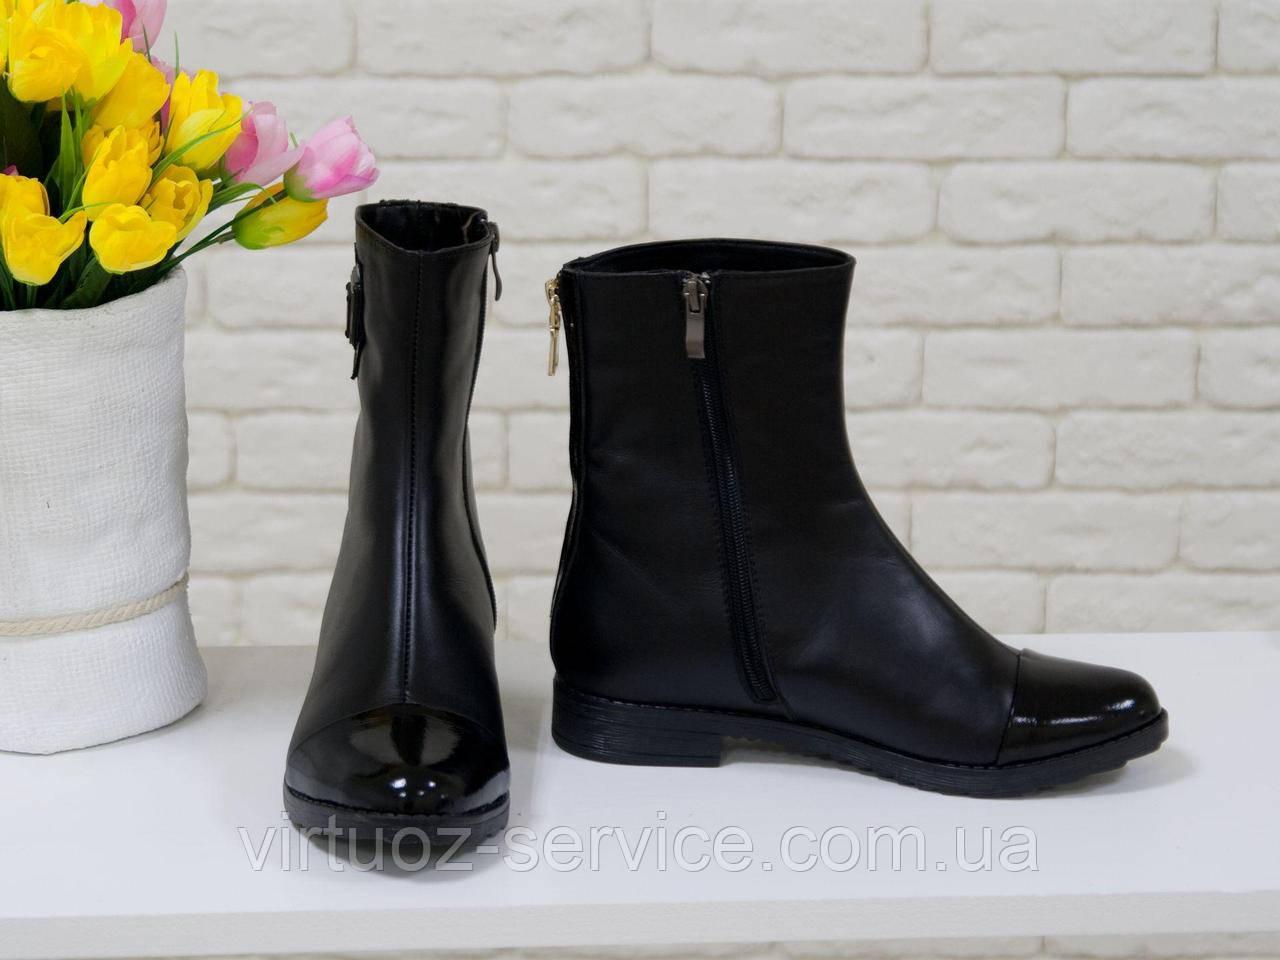 Сапоги женские Gino Figini Б-107-02 из натуральной кожи 37 Черный